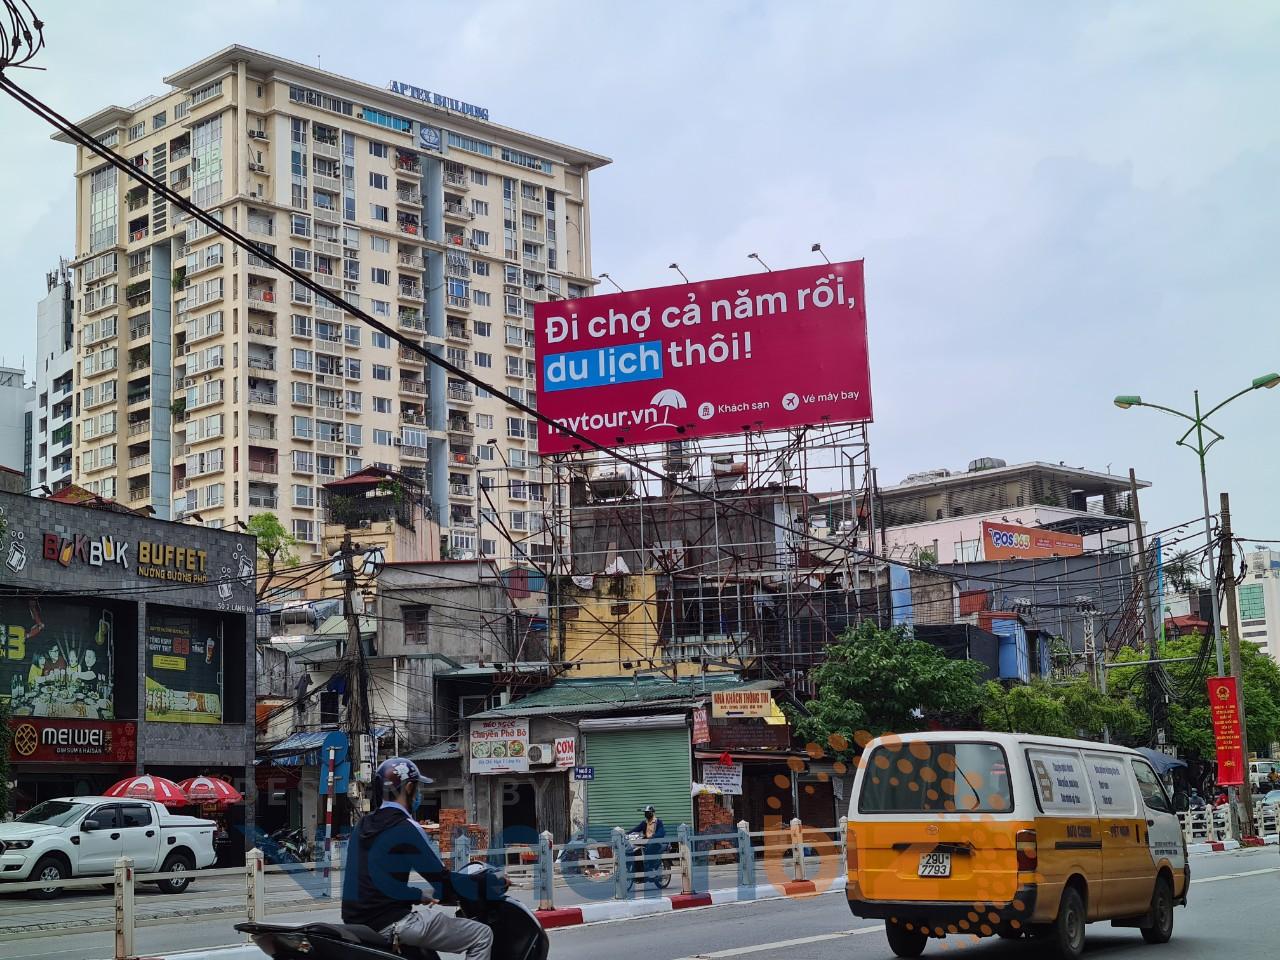 VinID, Mytour 'nổ' cuộc chiến quảng cáo giữa lòng Hà Nội - Ảnh 2.